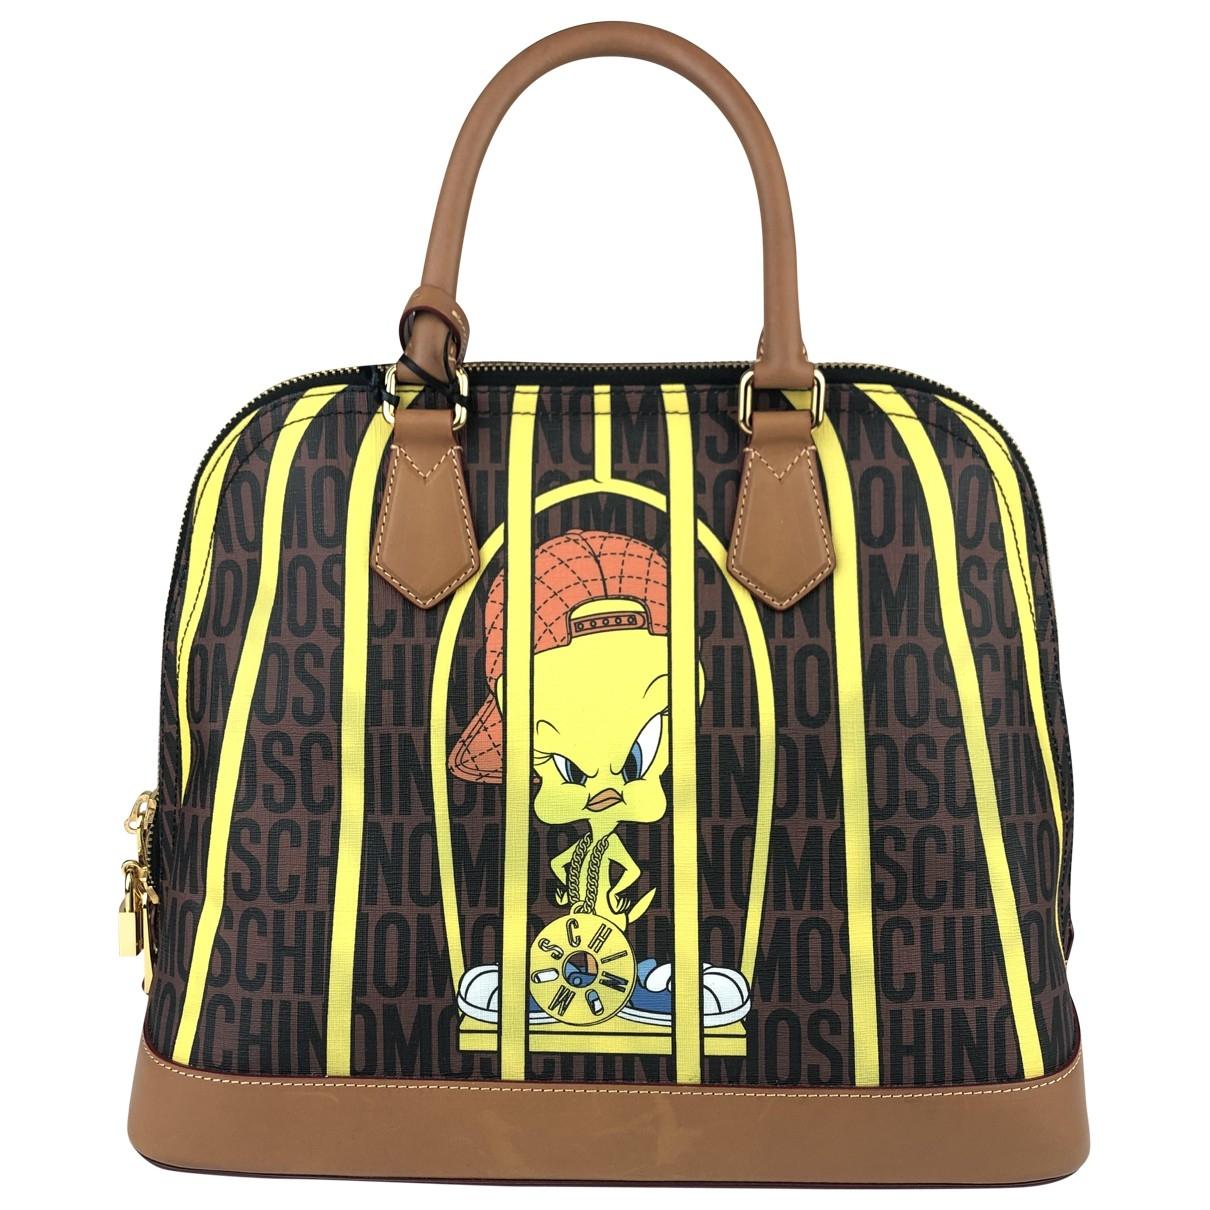 Moschino \N Handtasche in  Bunt Leinen